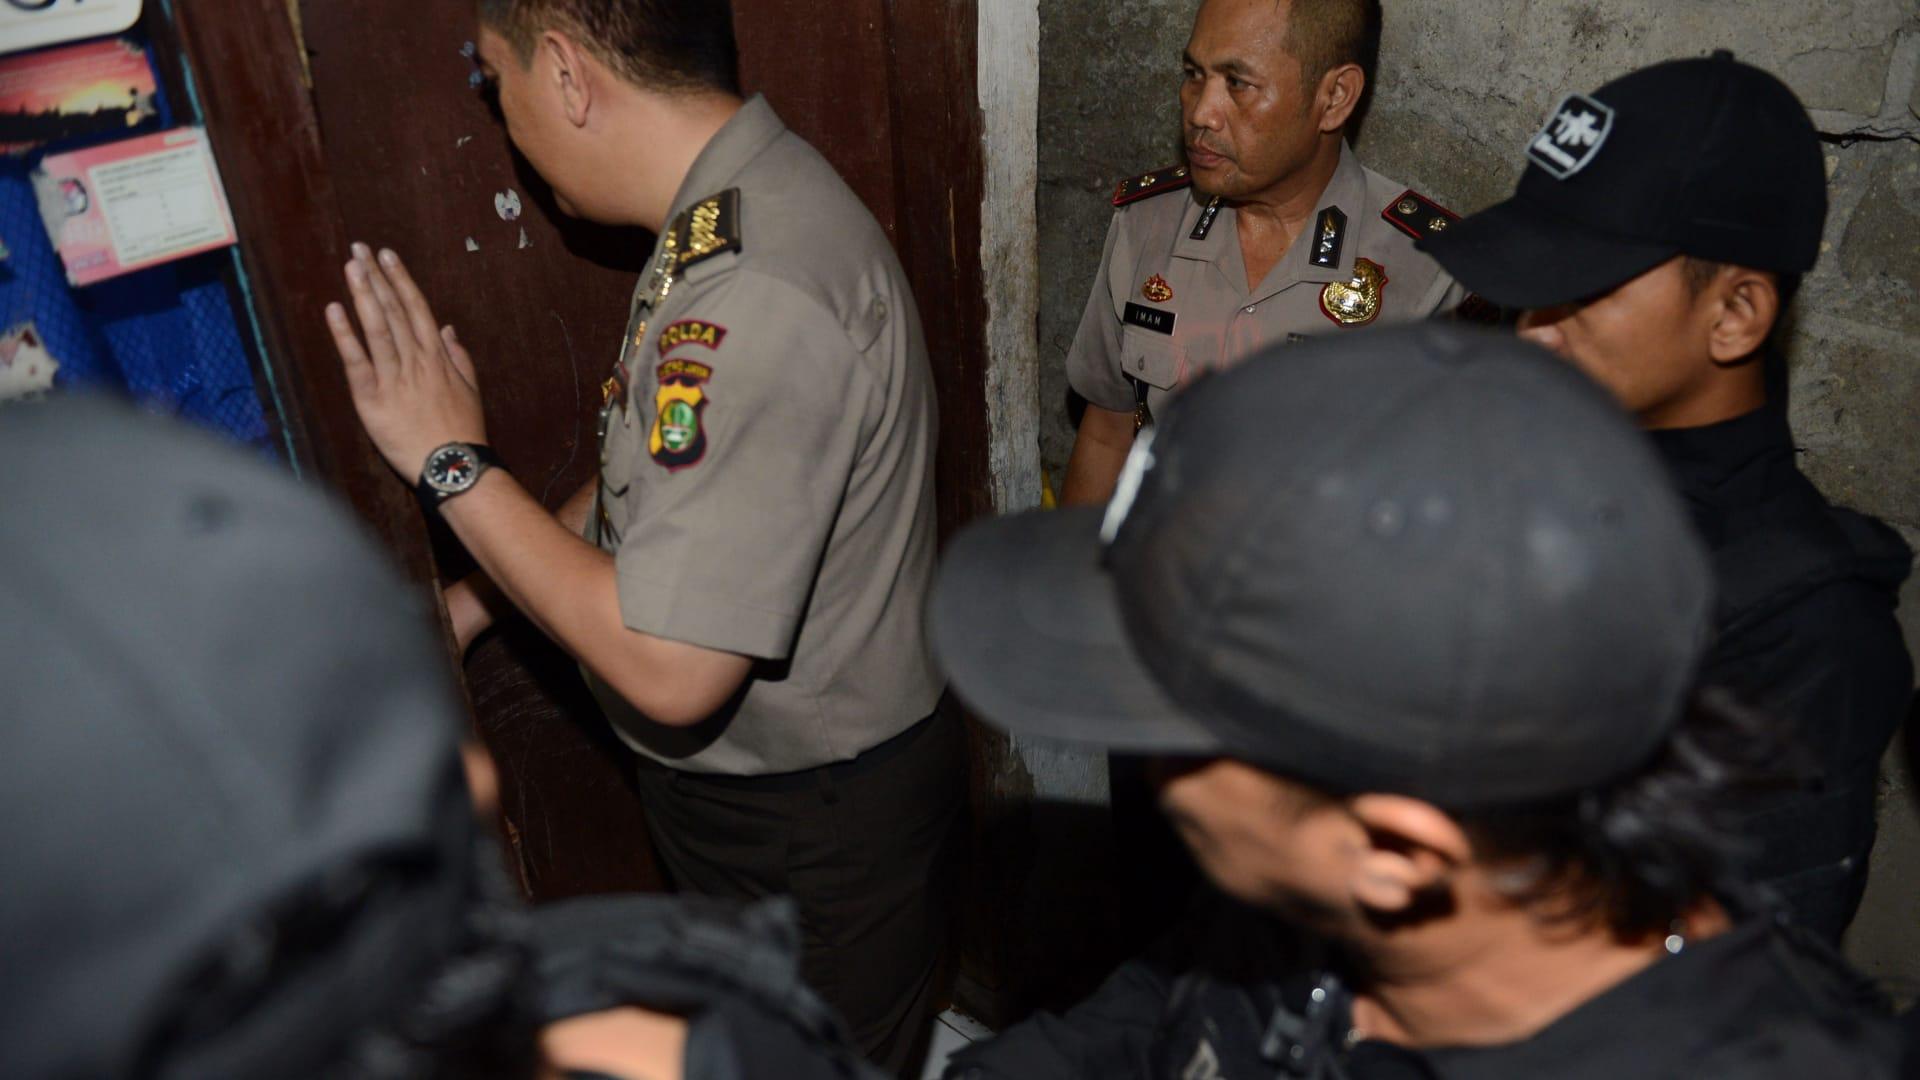 اعتقال 12 شخصا على صلة بهجمات جاكارتا.. والشرطة تتهم أحدهم بتلقي مبلغ مالي من مقاتل بداعش